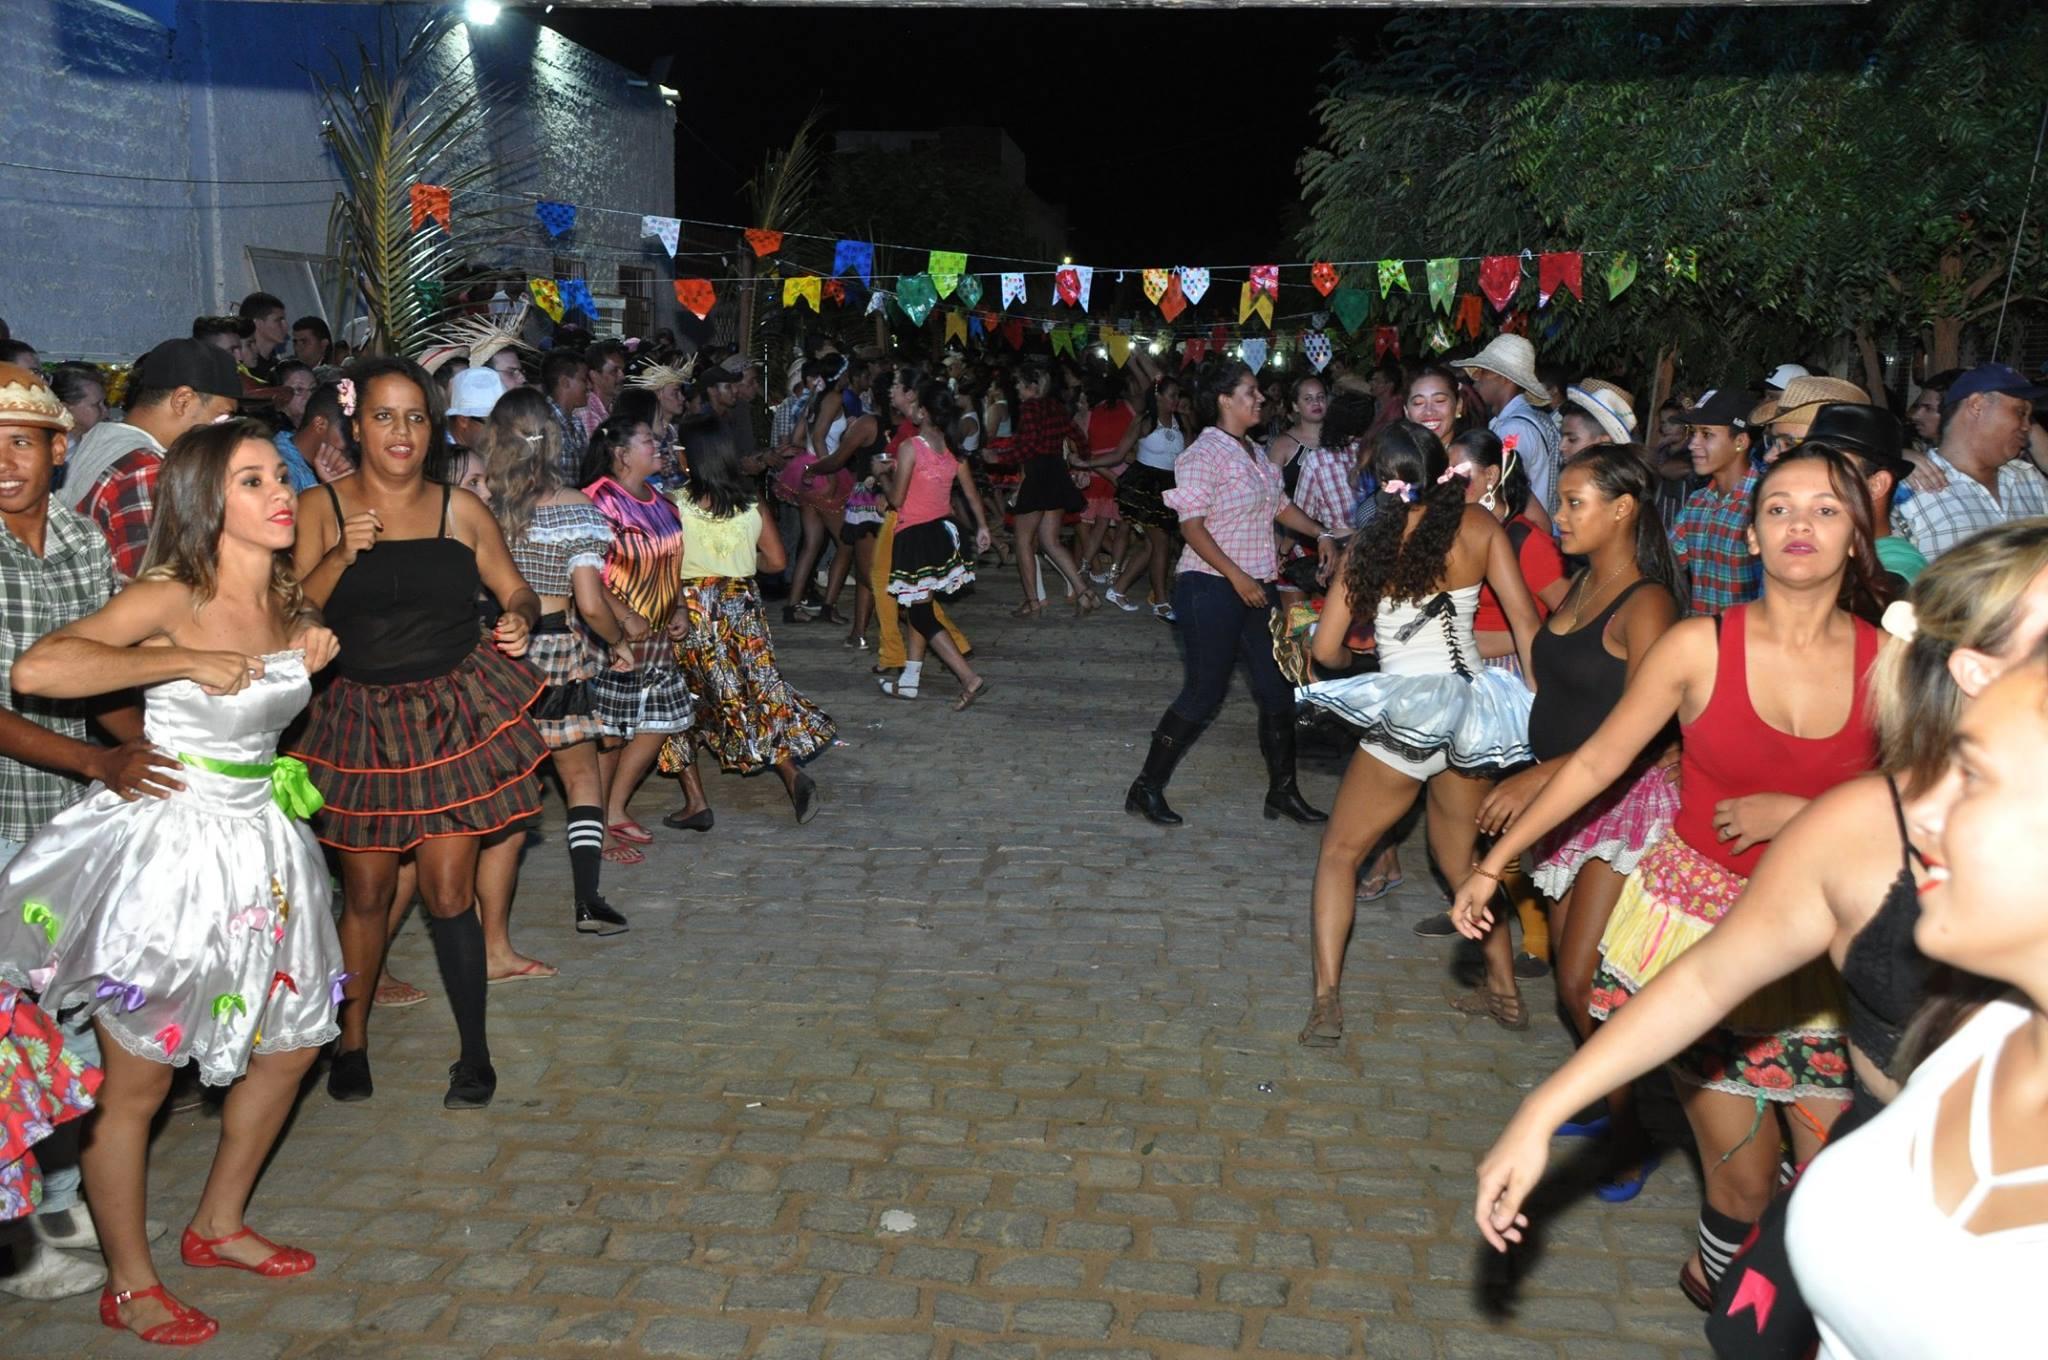 19092725_1899330773673446_2770191721348082370_o-1024x680 OPIPOCO mostra como foi a Segunda noite do festival de quadrilhas em Monteiro. Confira Imagens